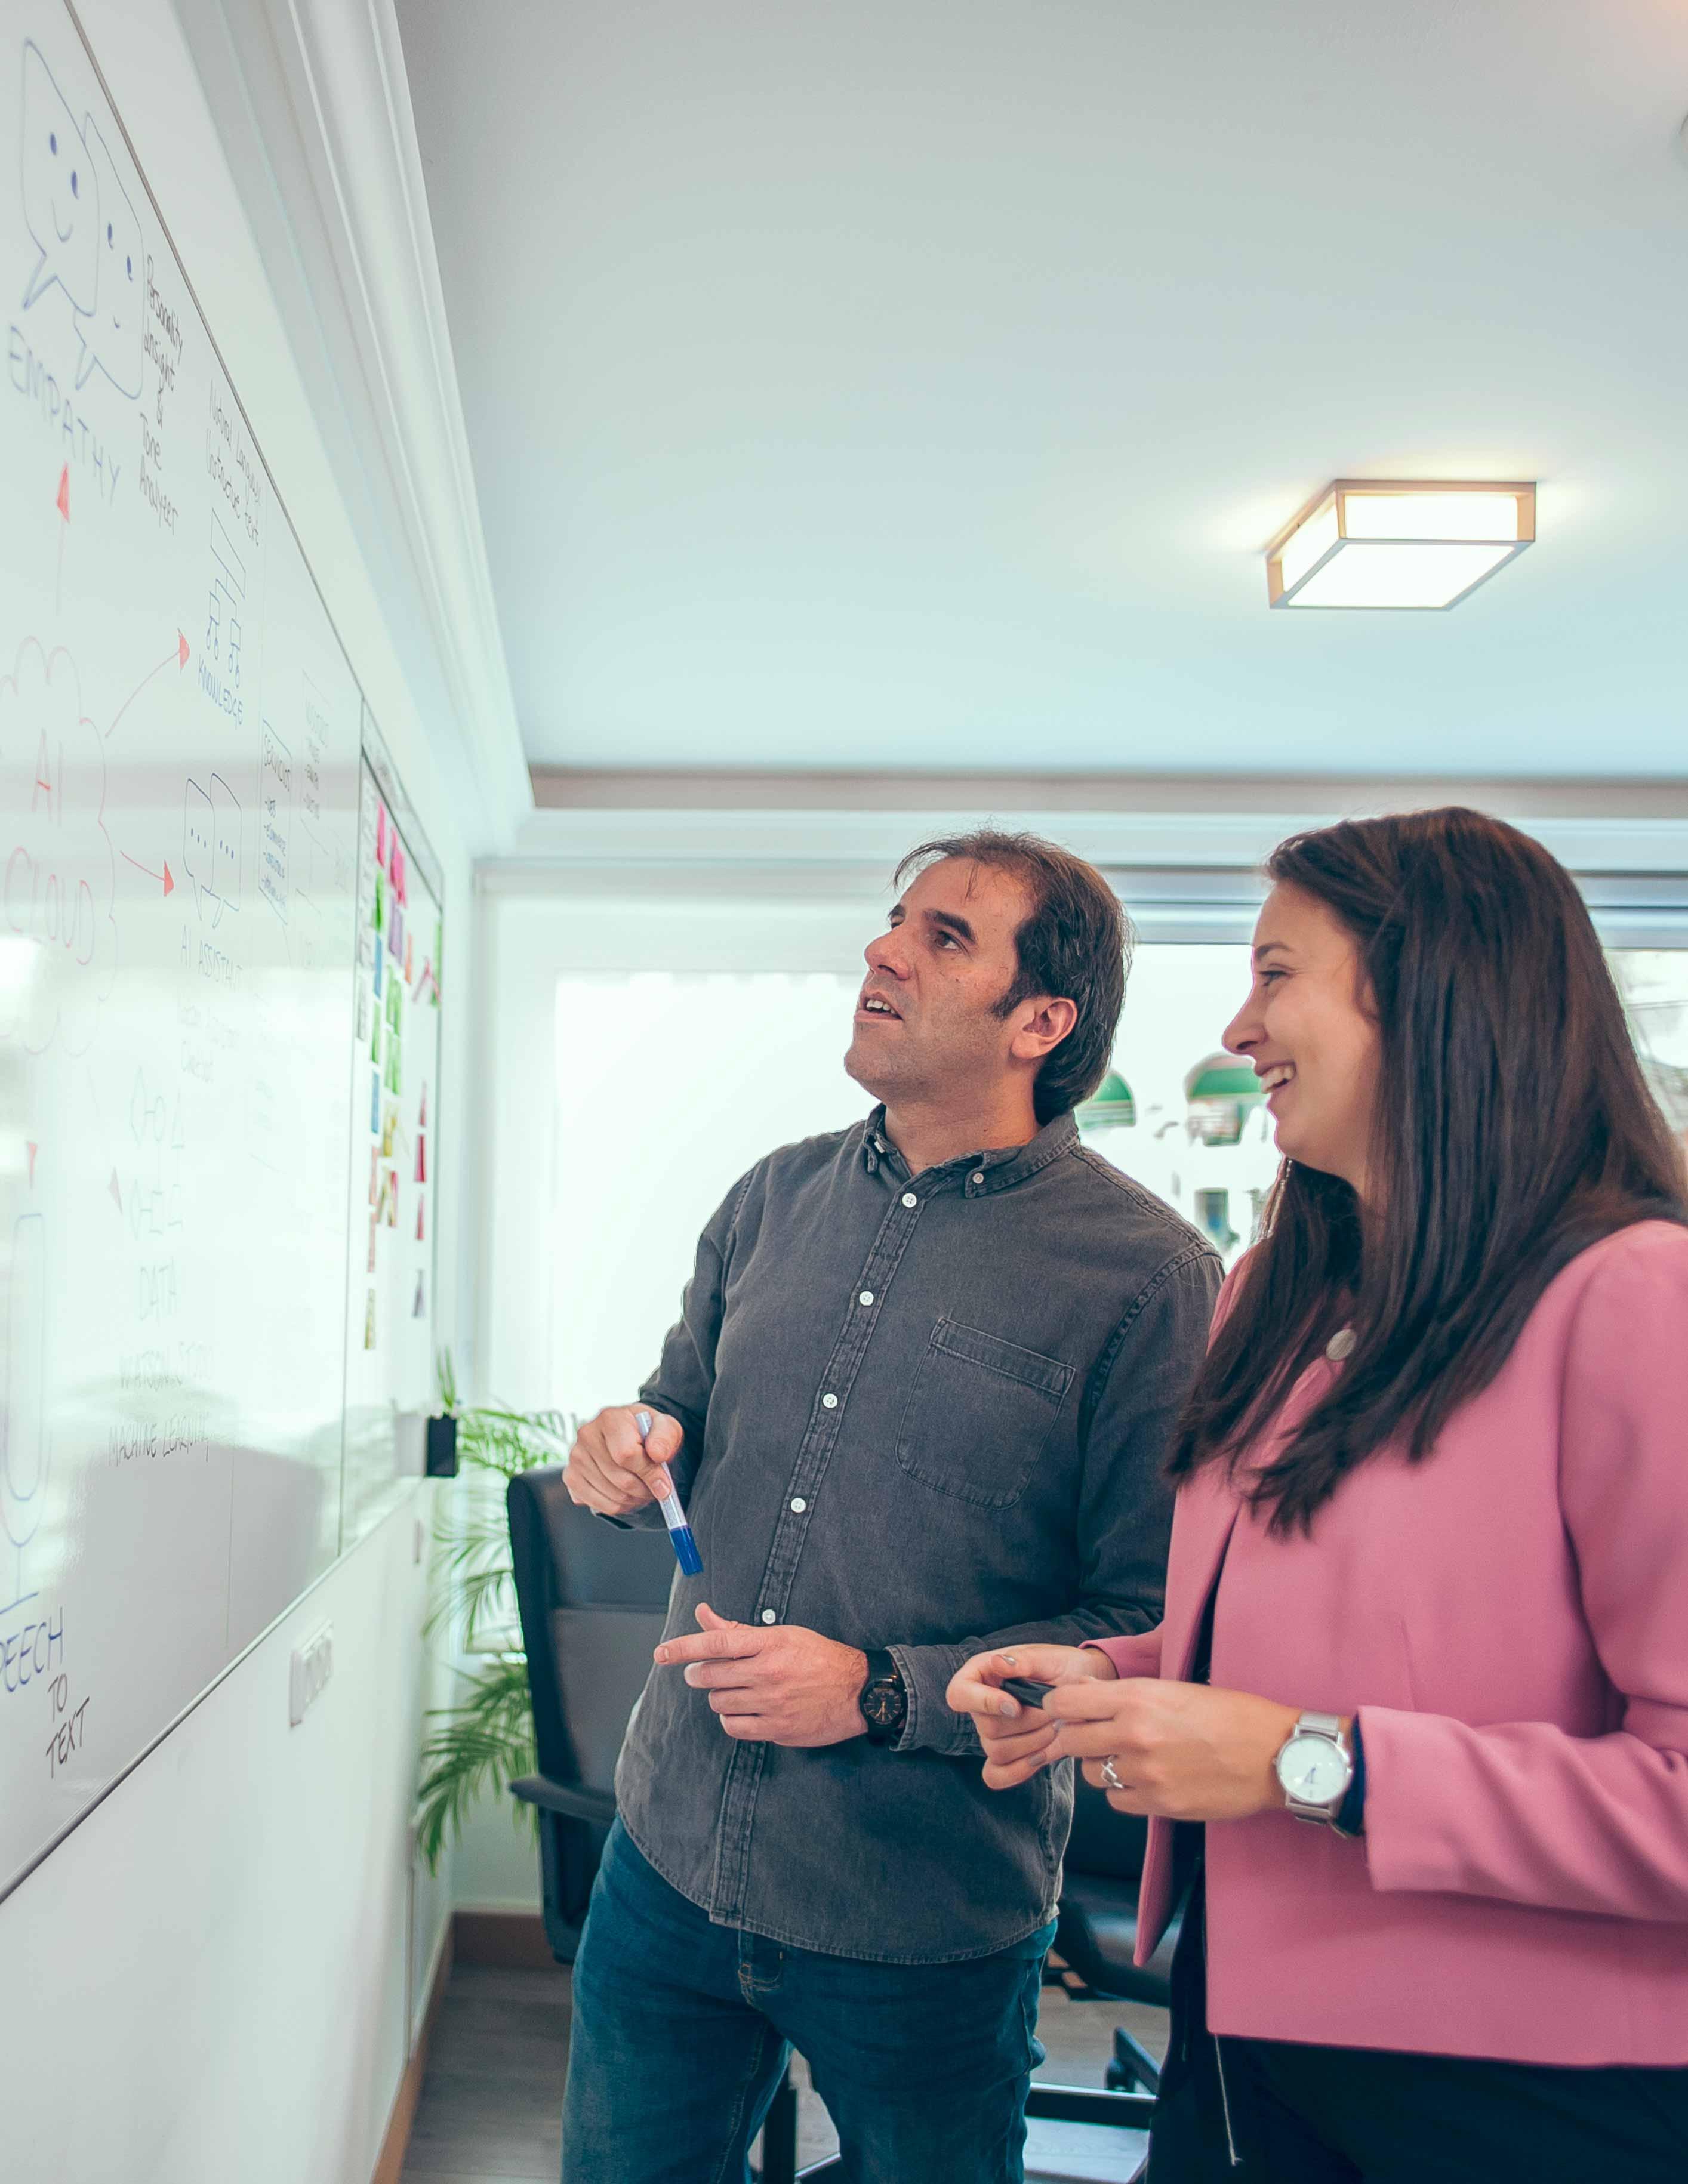 Equipo Ivory en whiteboard hablando sobre Inteligencia Artificial